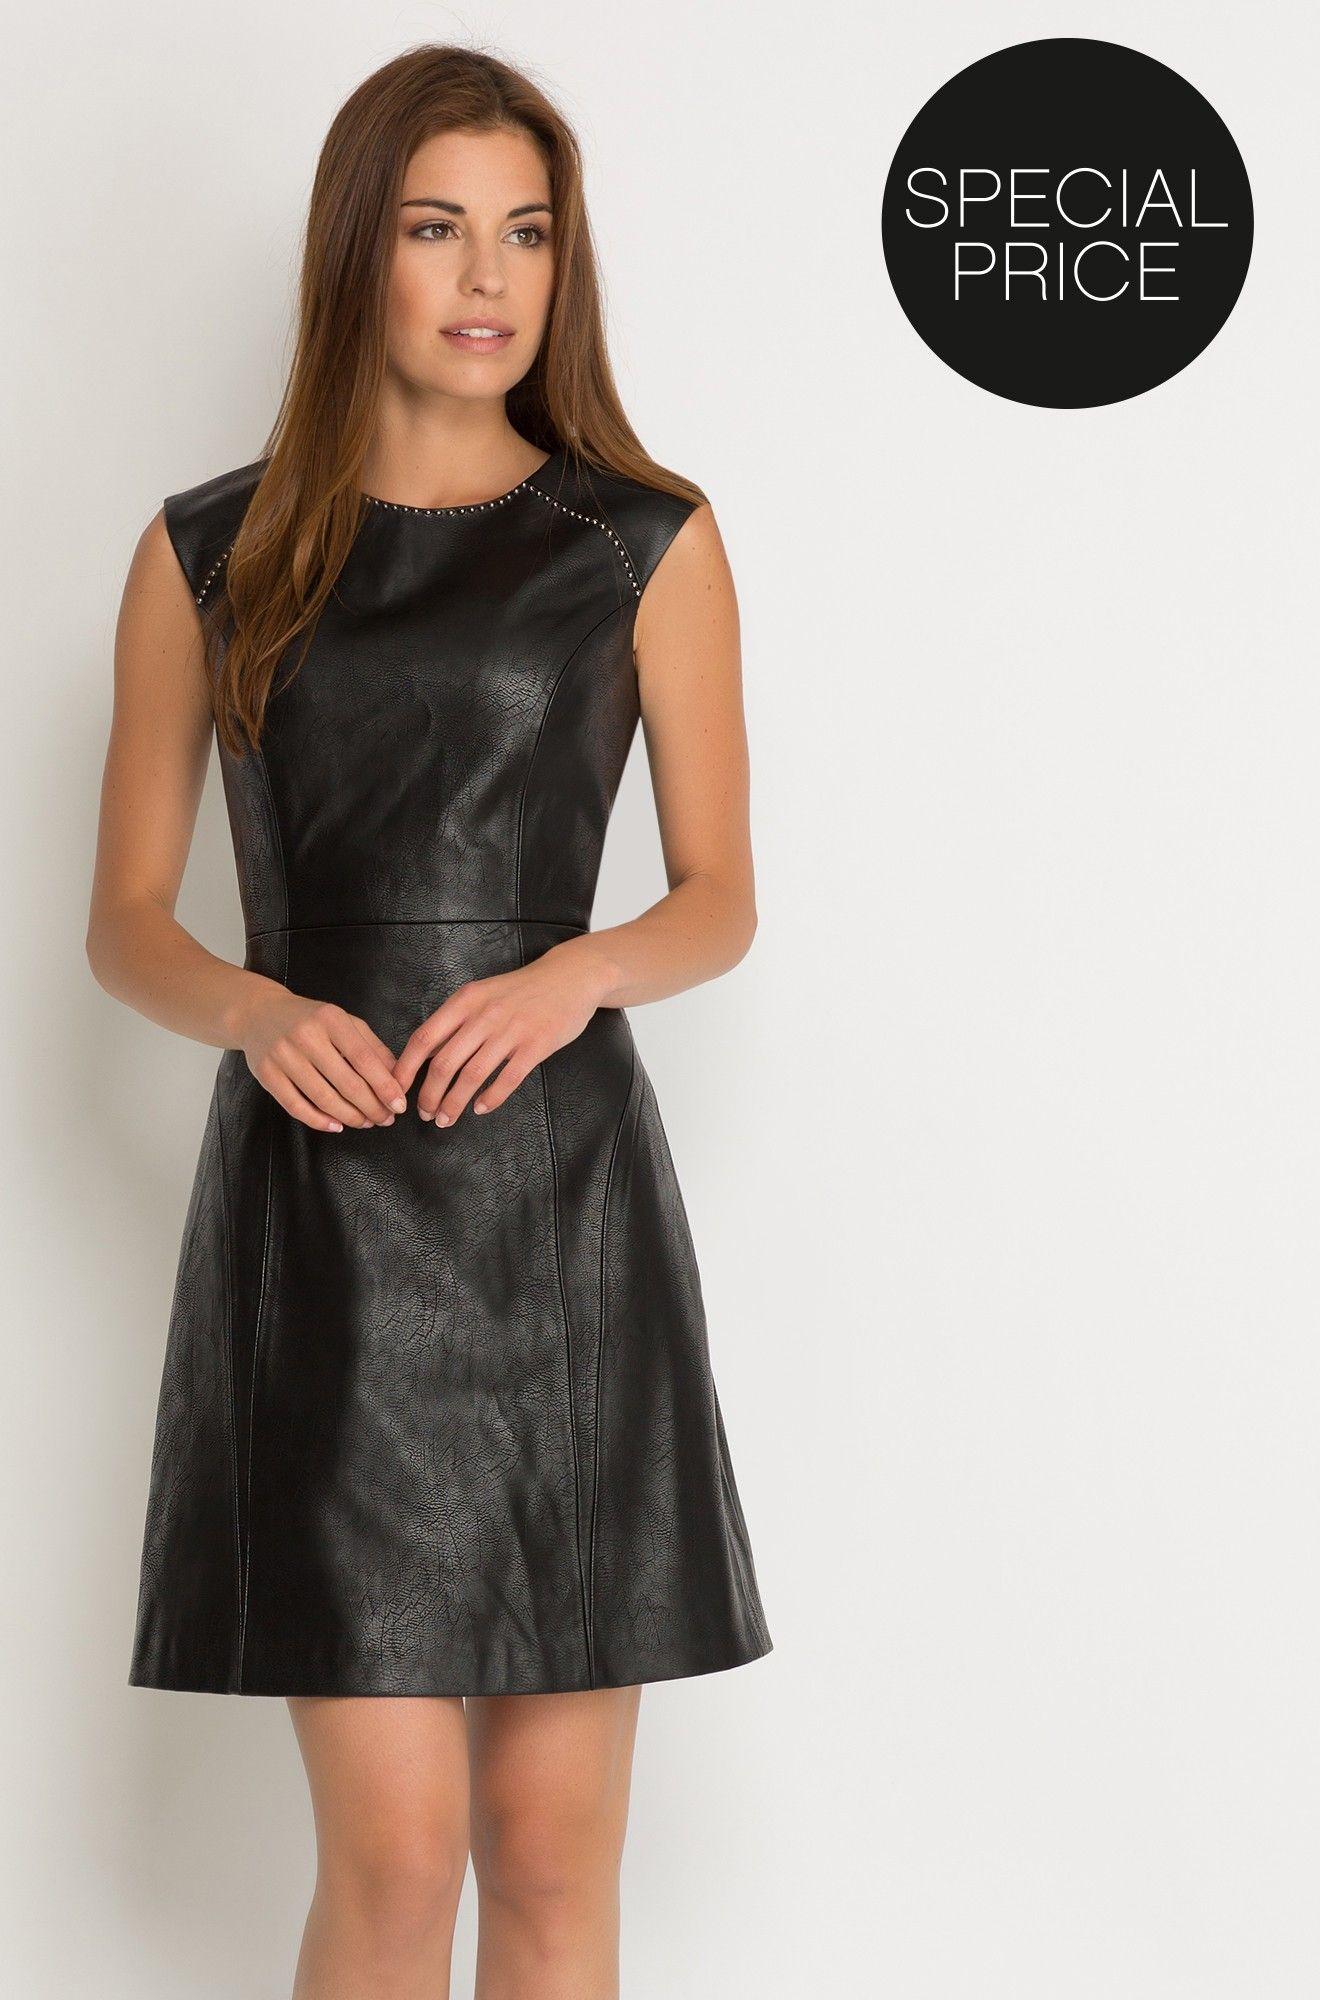 Kleid in Leder-Optik | Kleidung | Pinterest | Leder, Lederbekleidung ...